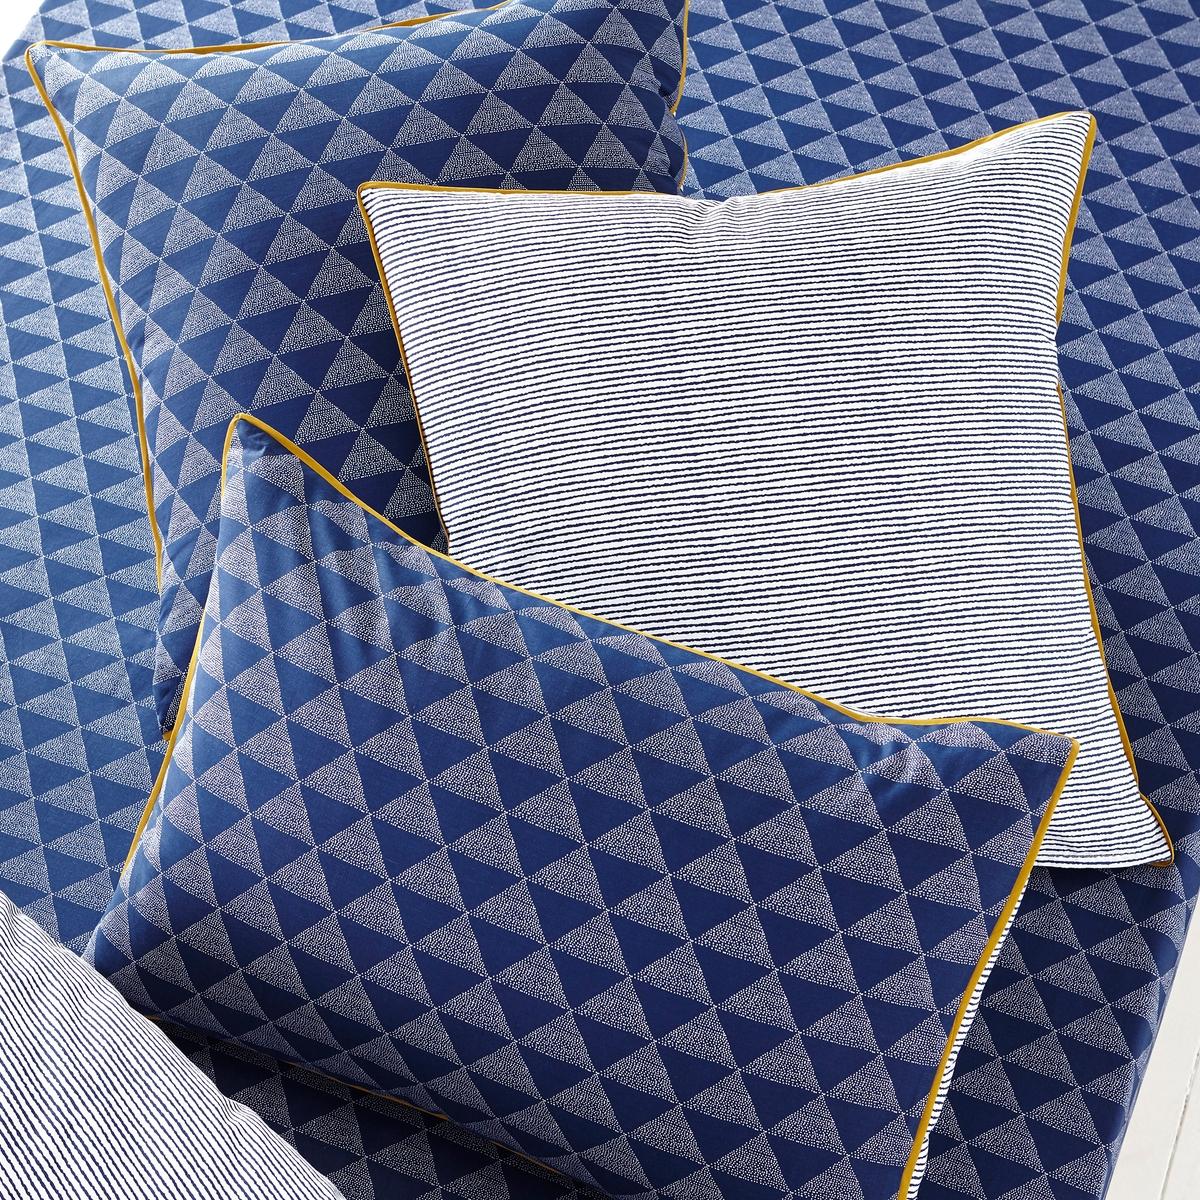 Наволочка с рисунком, IssorХарактеристики наволочки Issor:    наволочка формы мешок и чехол для подушки-валика с рисунком в виде синих треугольников с изнаночной стороны и синие полоски на белом фоне с оборотной стороны. Отделка бейкой контрастного желтого цвета.   100% хлопка с плотным переплетением (57 нитей/см?): чем больше количество нитей/см?, тем выше качество изделия.  Стирка при 60°C.    Знак Oeko-Tex® гарантирует отсутствие вредных для здоровья веществ в протестированных и сертифицированных артикулах.                                                                                                                          Весь комплект постельного белья Issor  - на сайте laredoute. ru                                                                                                                       Размеры на выбор:   63 x 63 см: квадратная наволочка,                            50 x 70 см: прямоугольная наволочка.<br><br>Цвет: синий/белый/желтый<br>Размер: 50 x 70  см